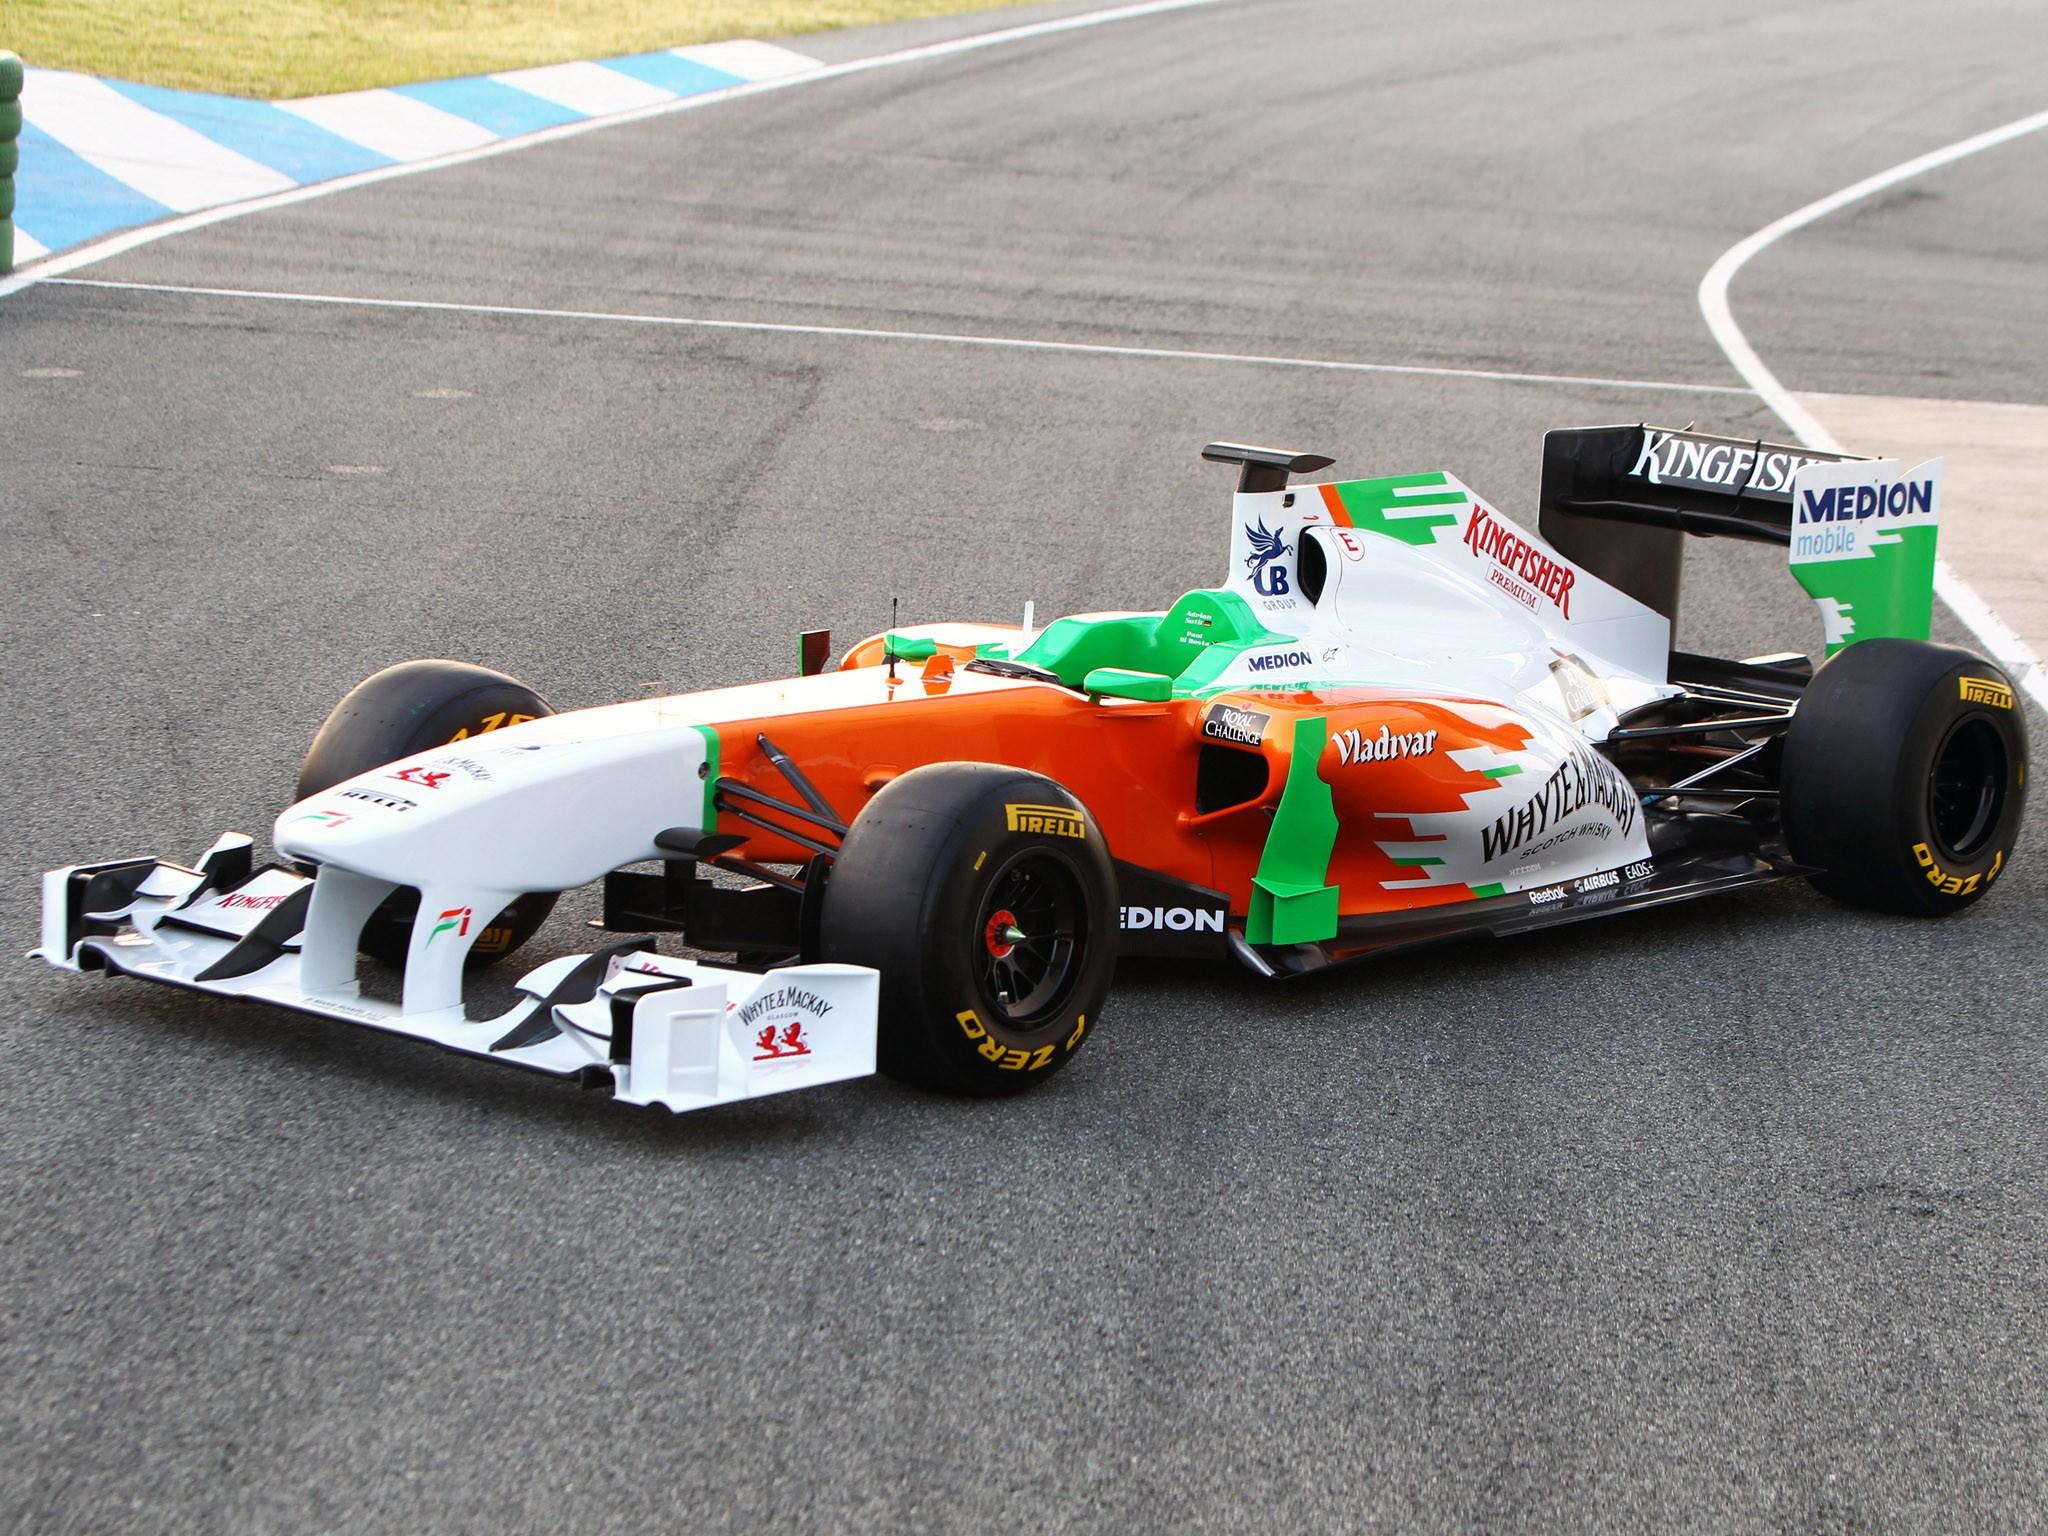 Force India Mercedes V8 vjm04 2011